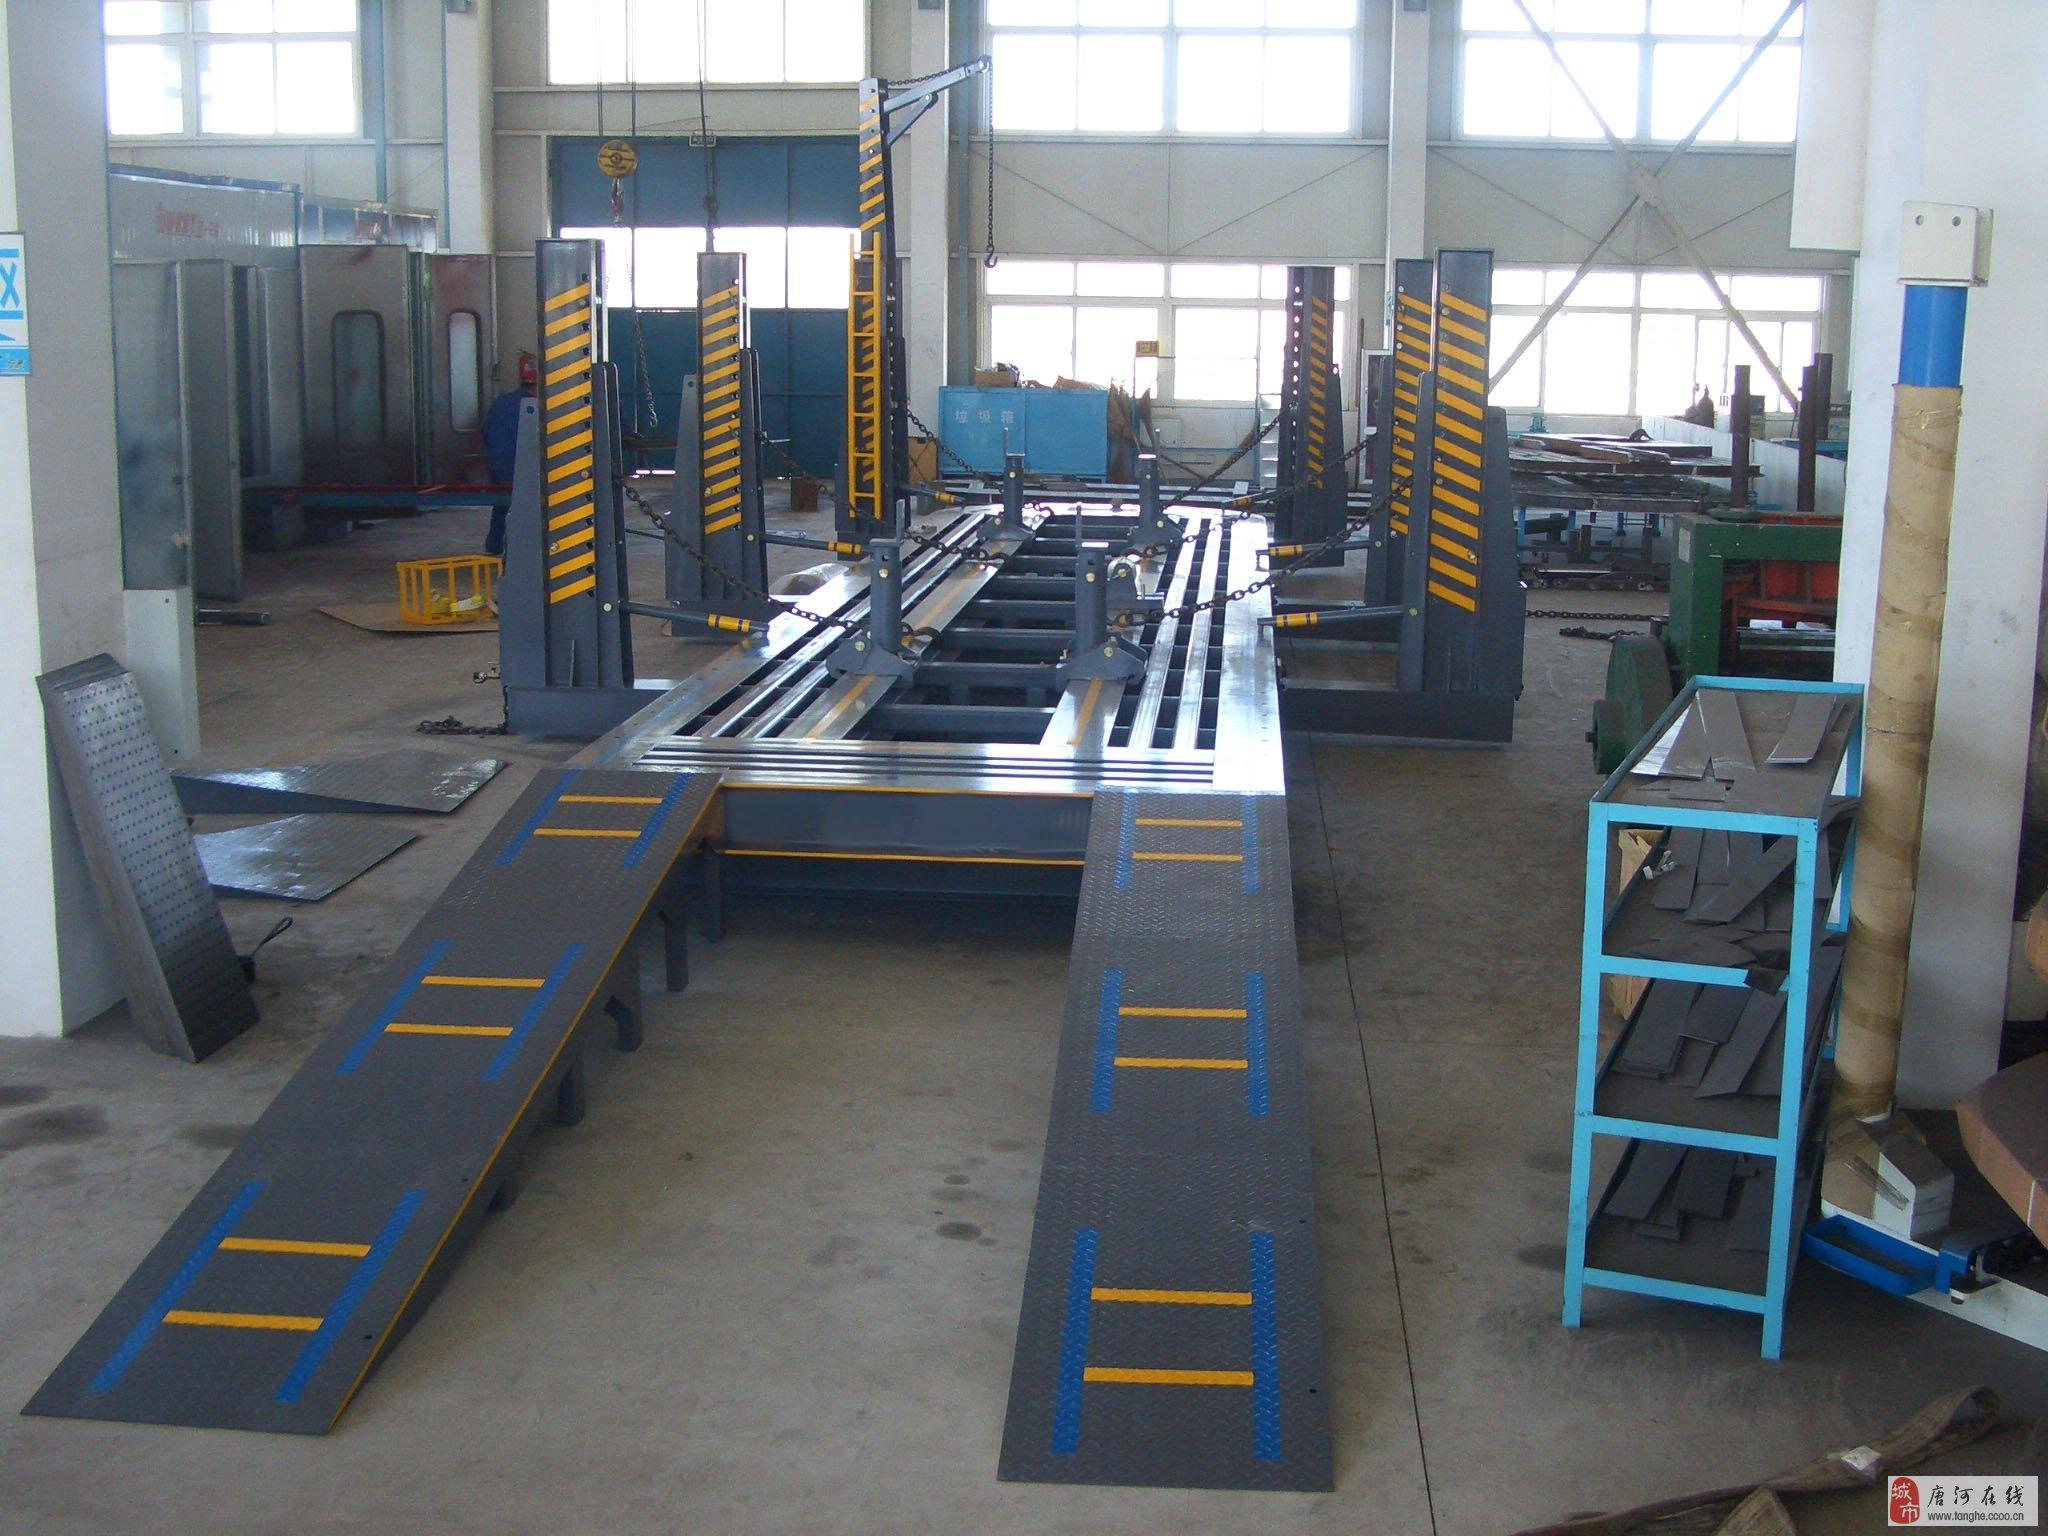 机械五金件 刀具,夹具   工程机械维修与配件   公司设备有高清图片